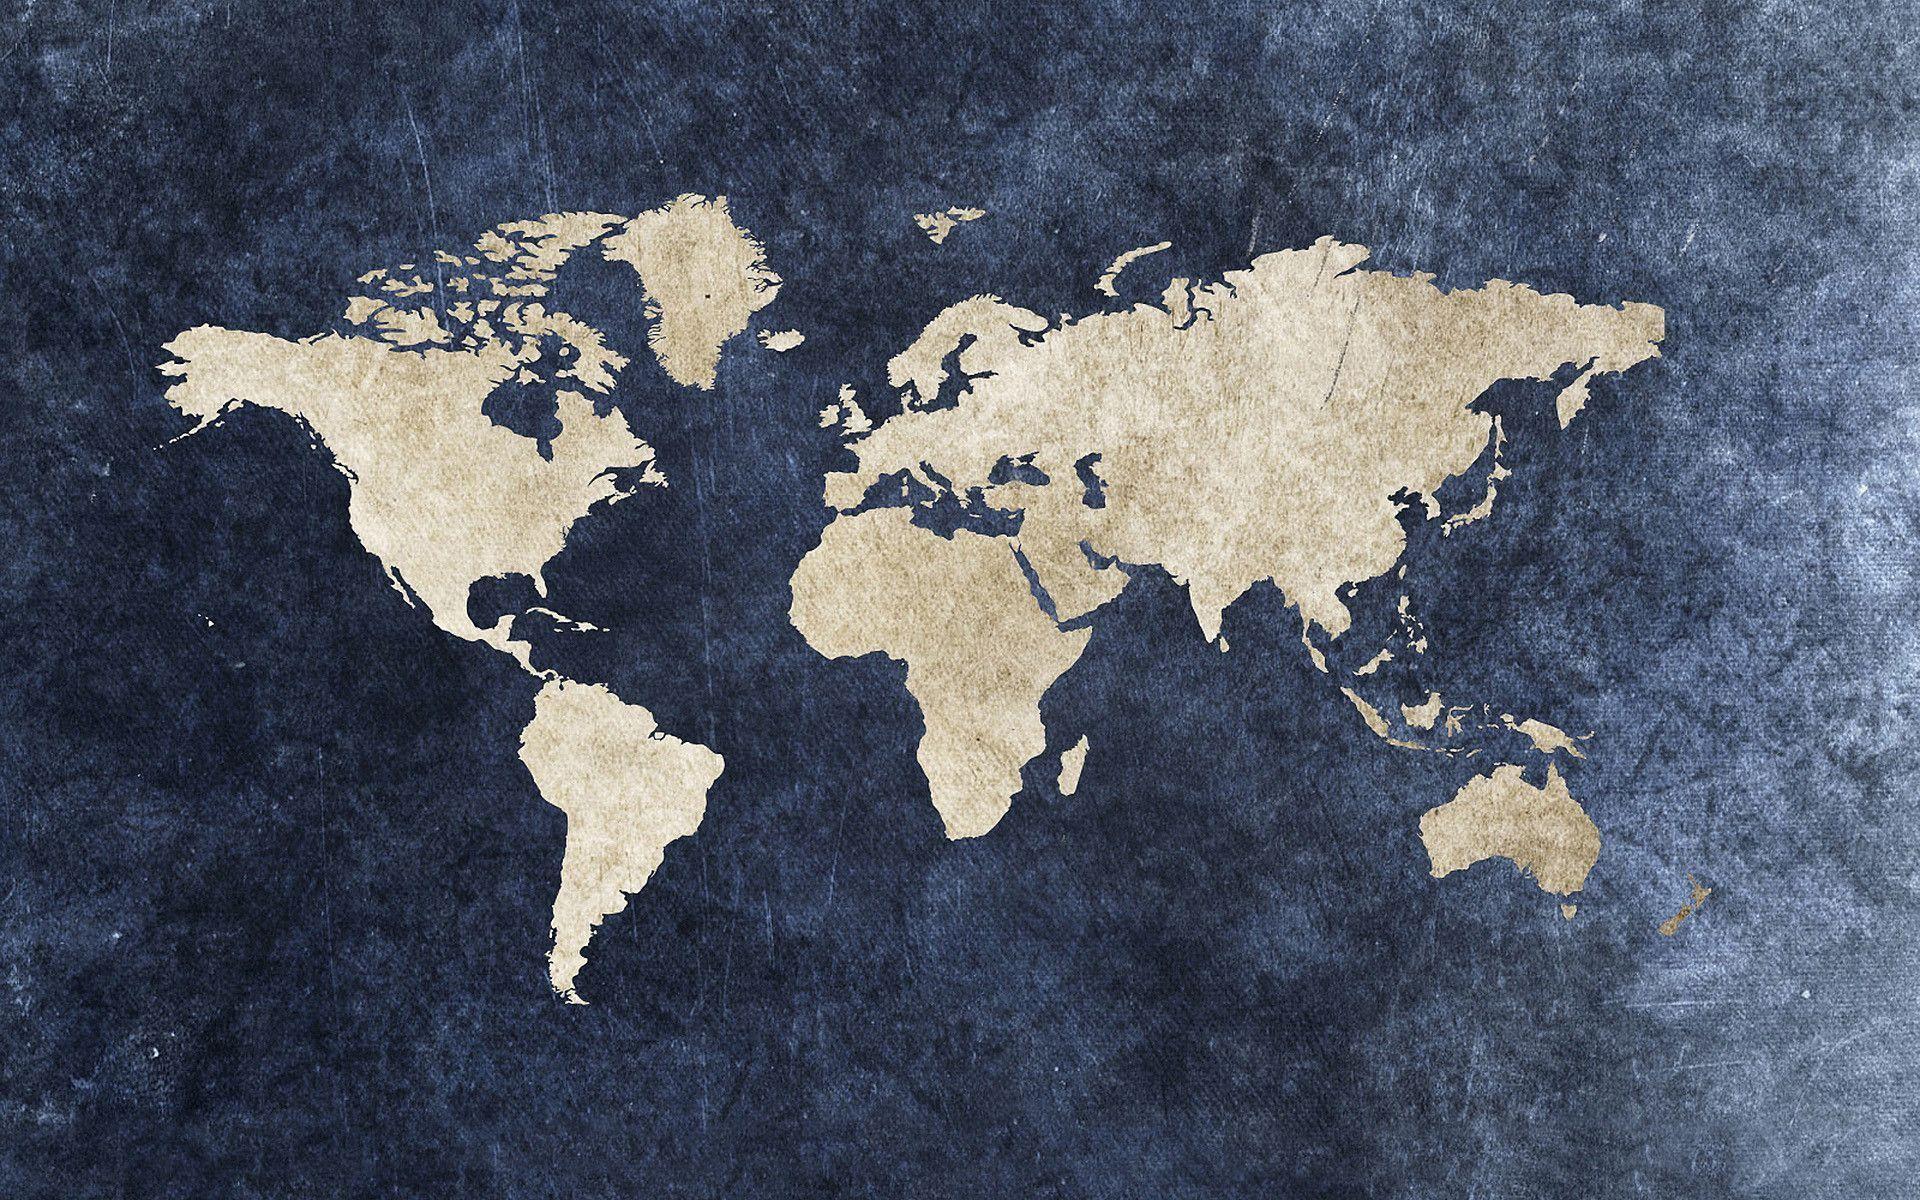 World Map Wallpapers High Resolution 5 Com Imagens Imagem De